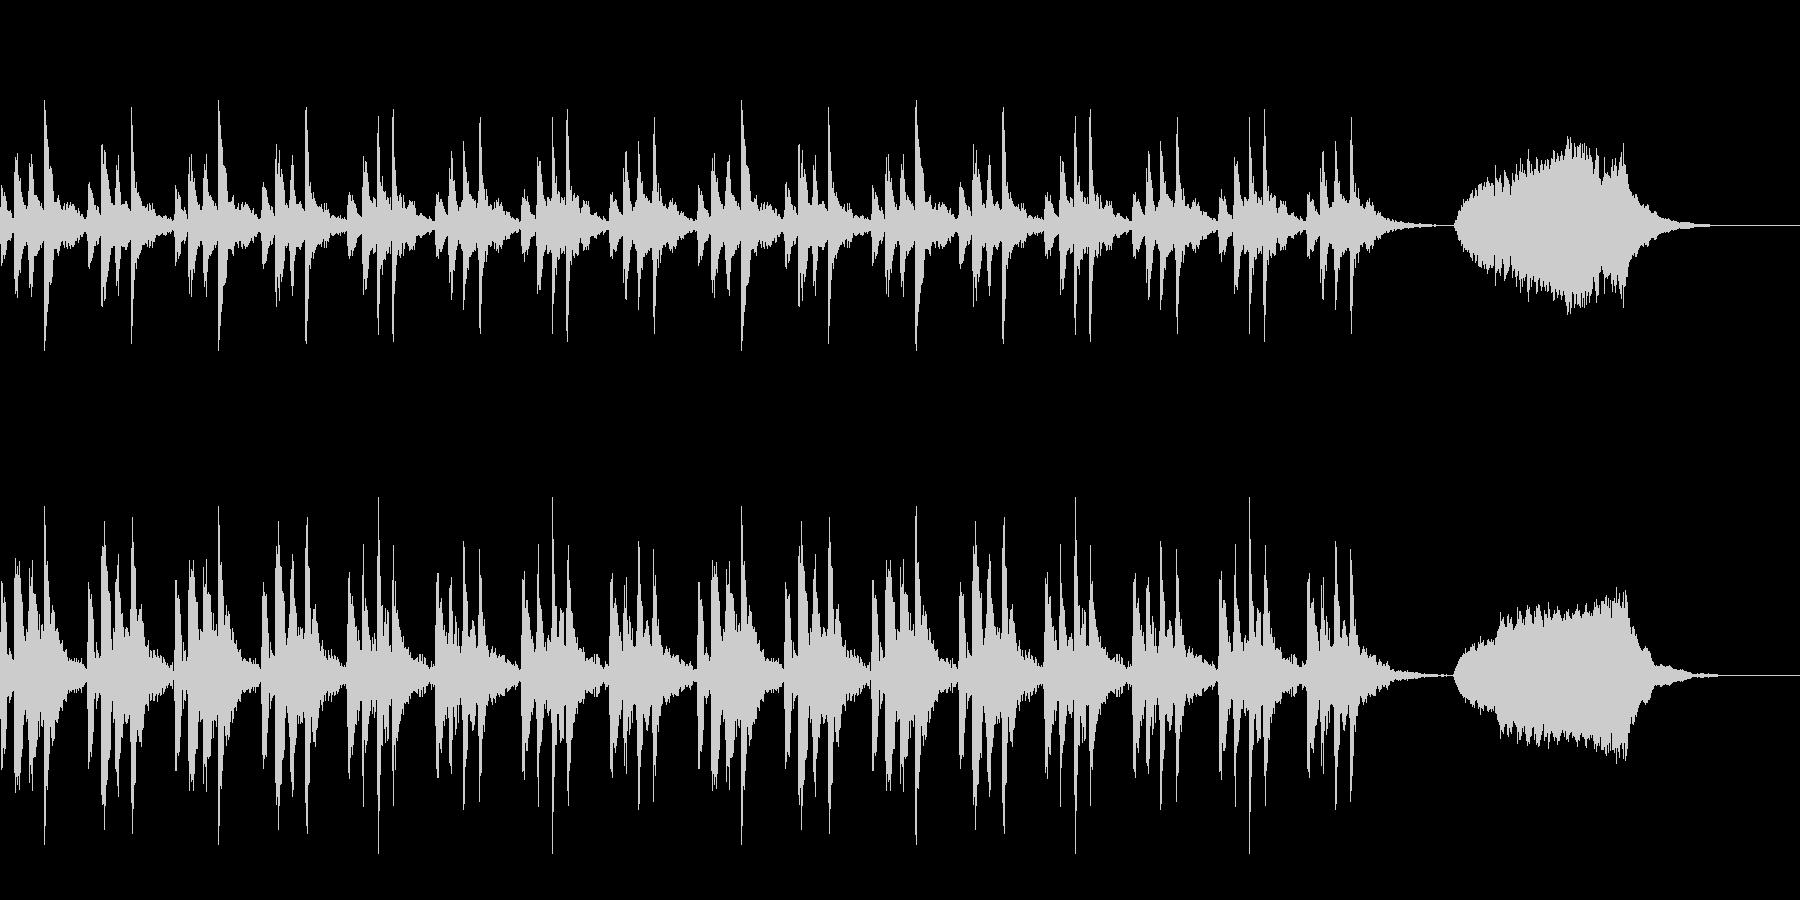 弦楽音 CM RPG ドラマチック 上品の未再生の波形